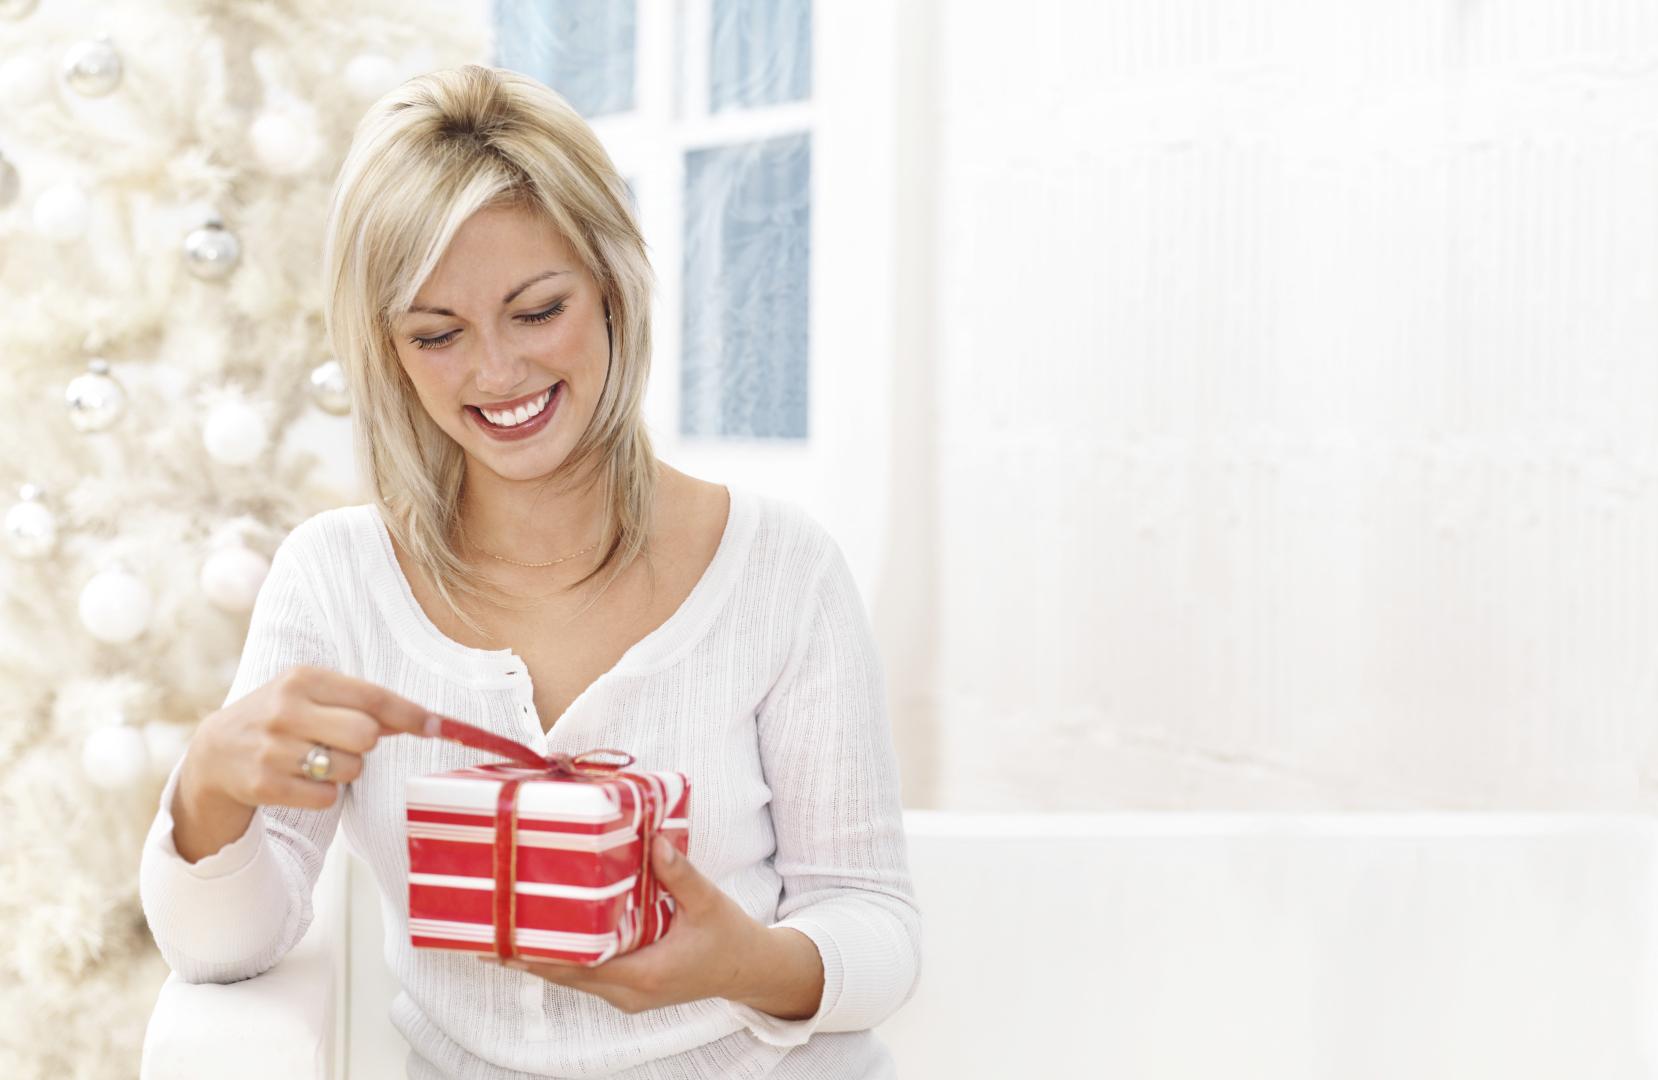 Картинка девушка радуется подарку